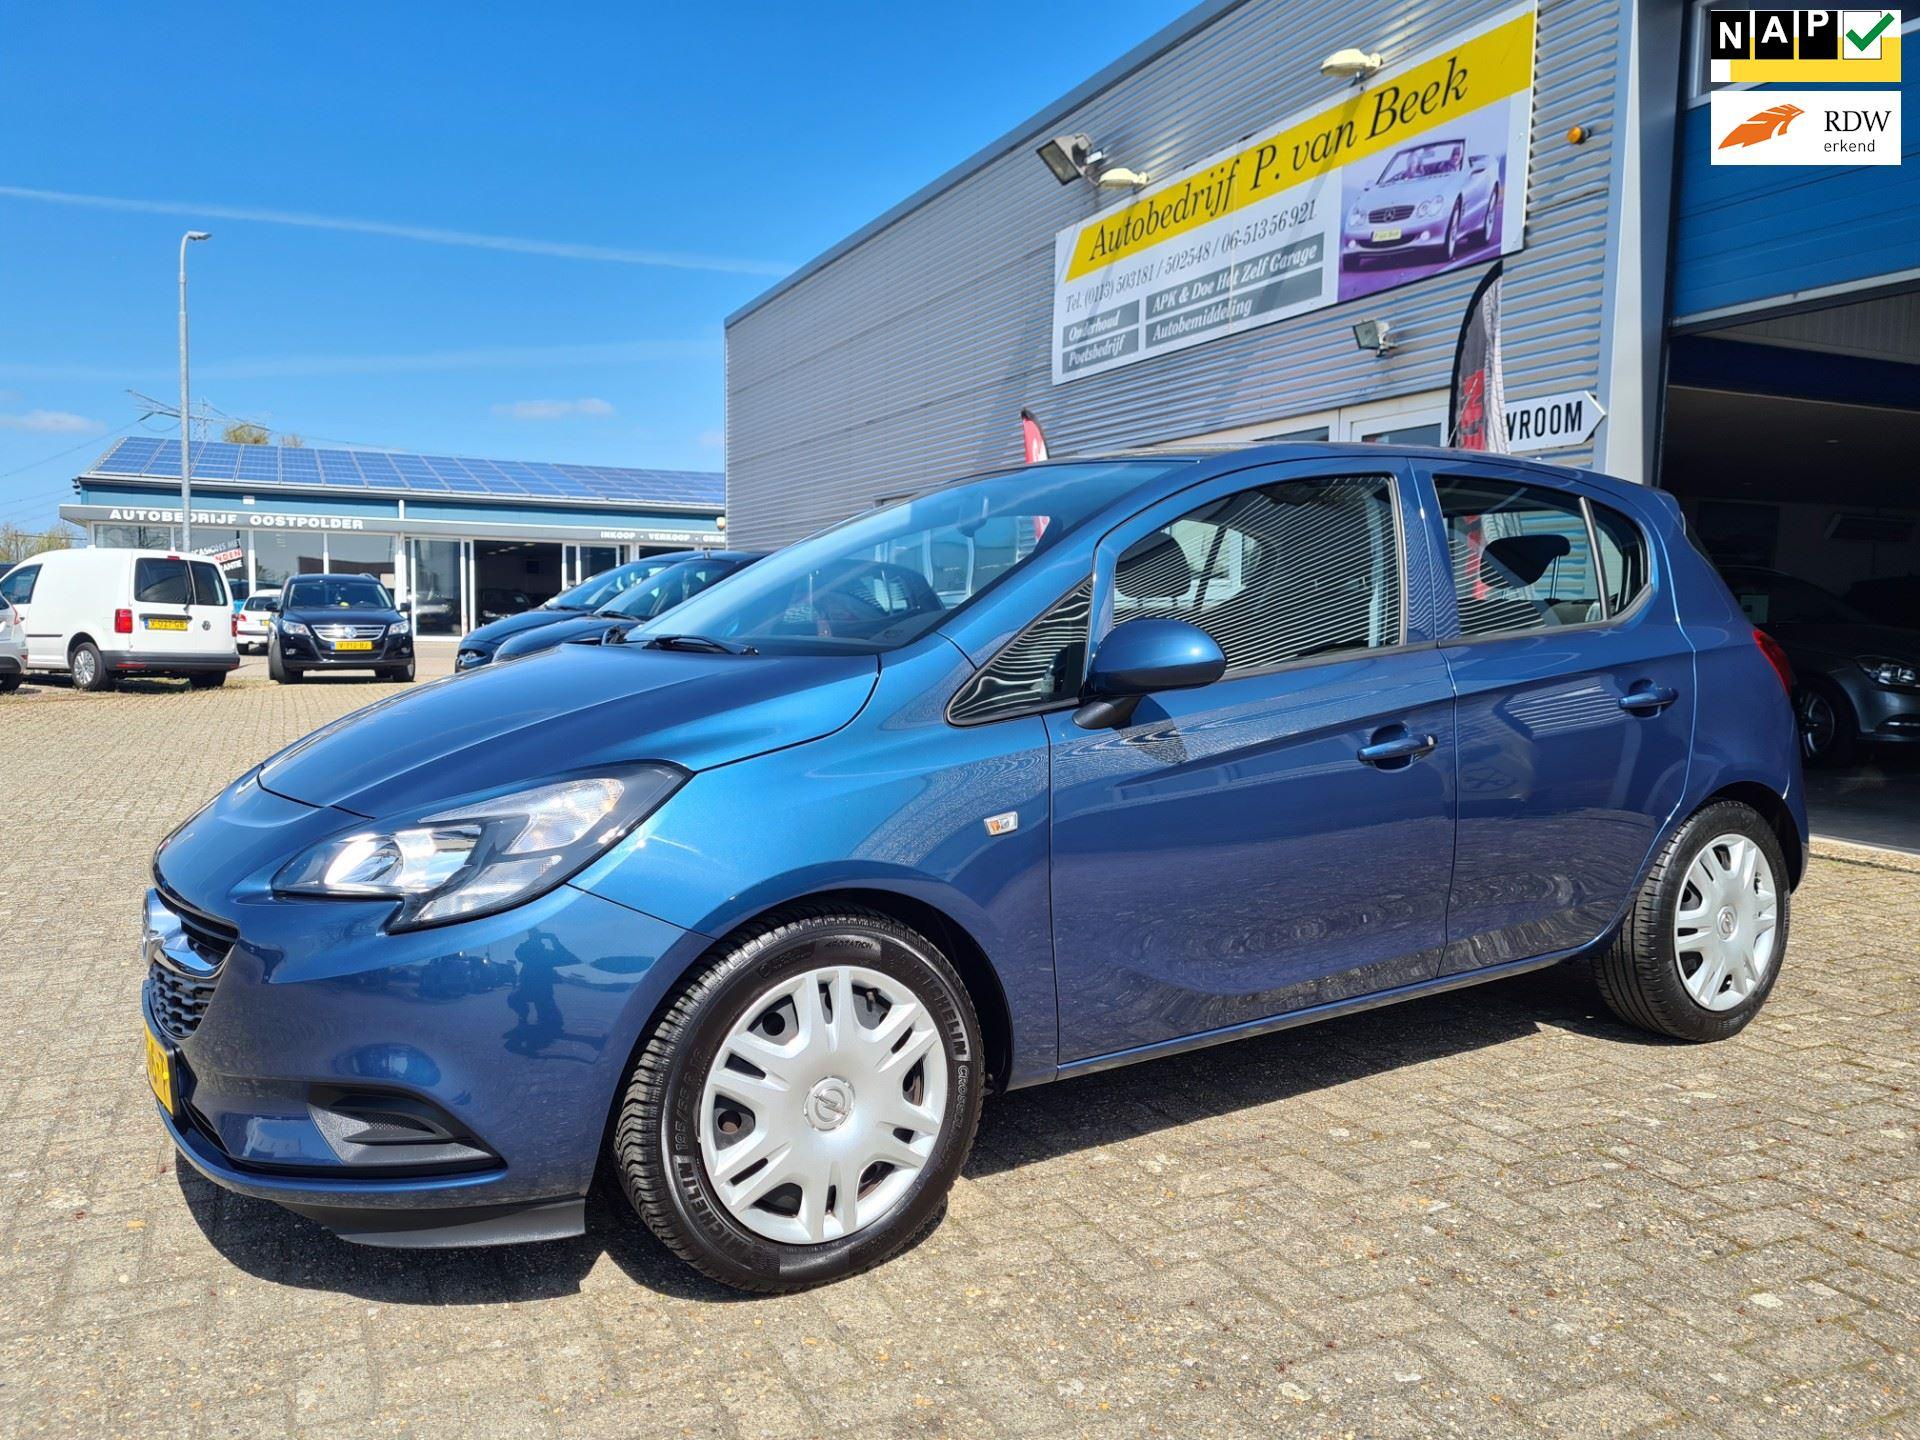 Opel Corsa occasion - Autobedrijf P. van Beek en ZN